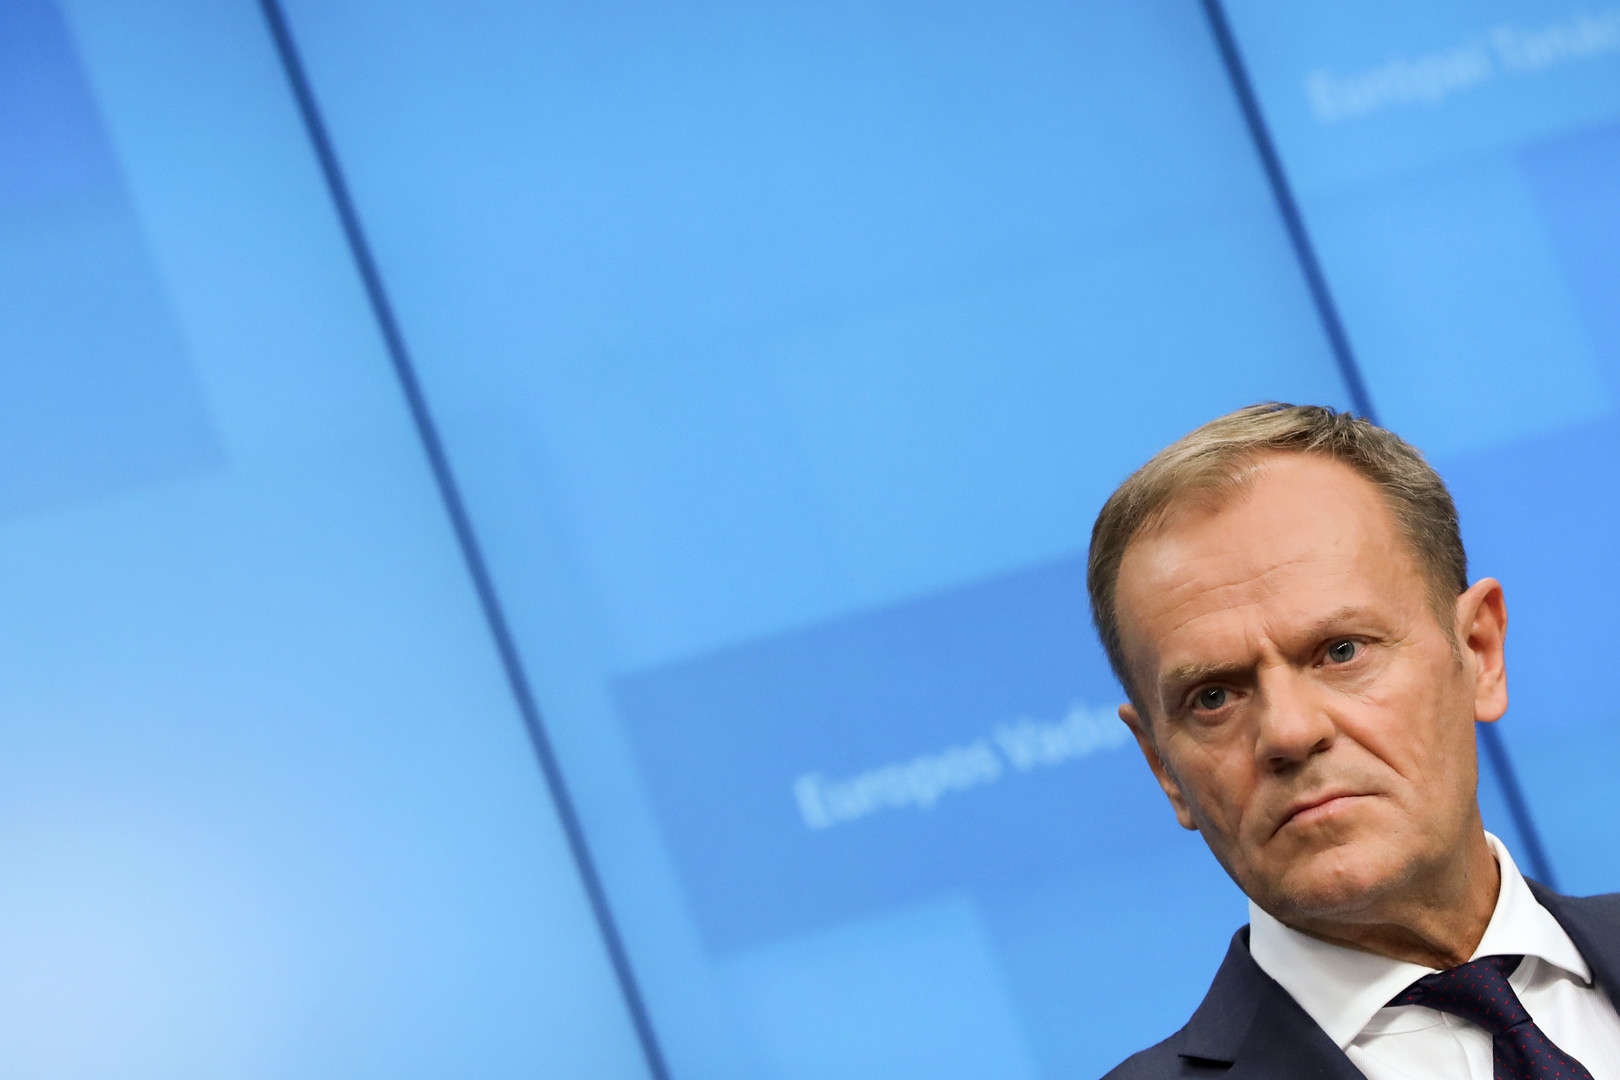 الاتحاد الأوروبي مهنئا زيلينسكي بالفوز في الانتخابات: سنواصل دعم أوكرانيا